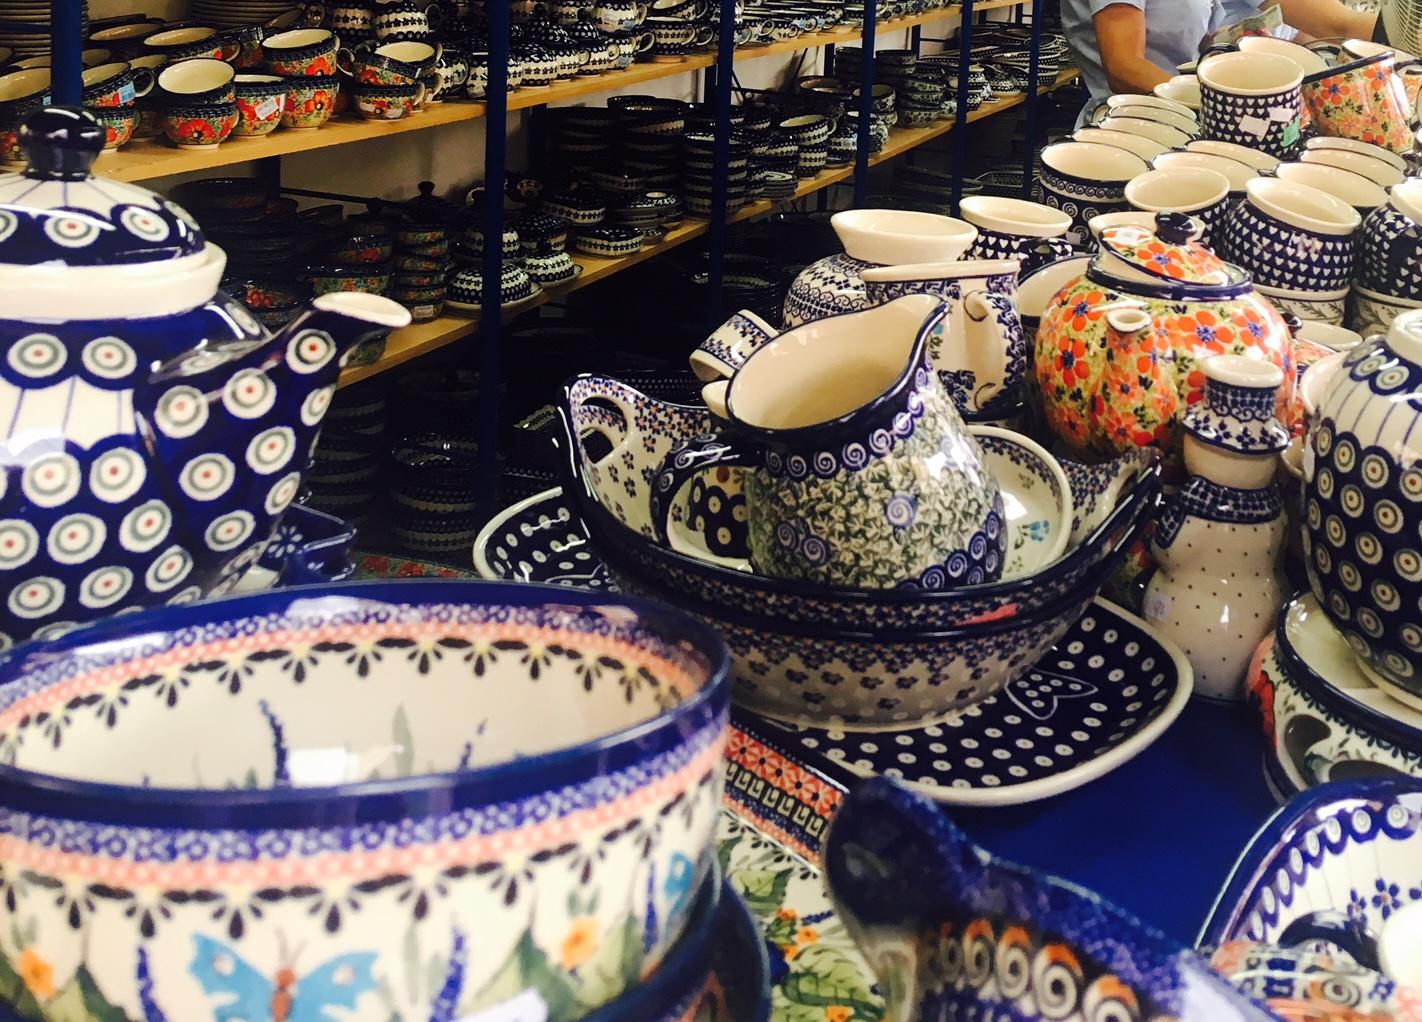 ポーリッシュポタリー ポーランド陶器祭り